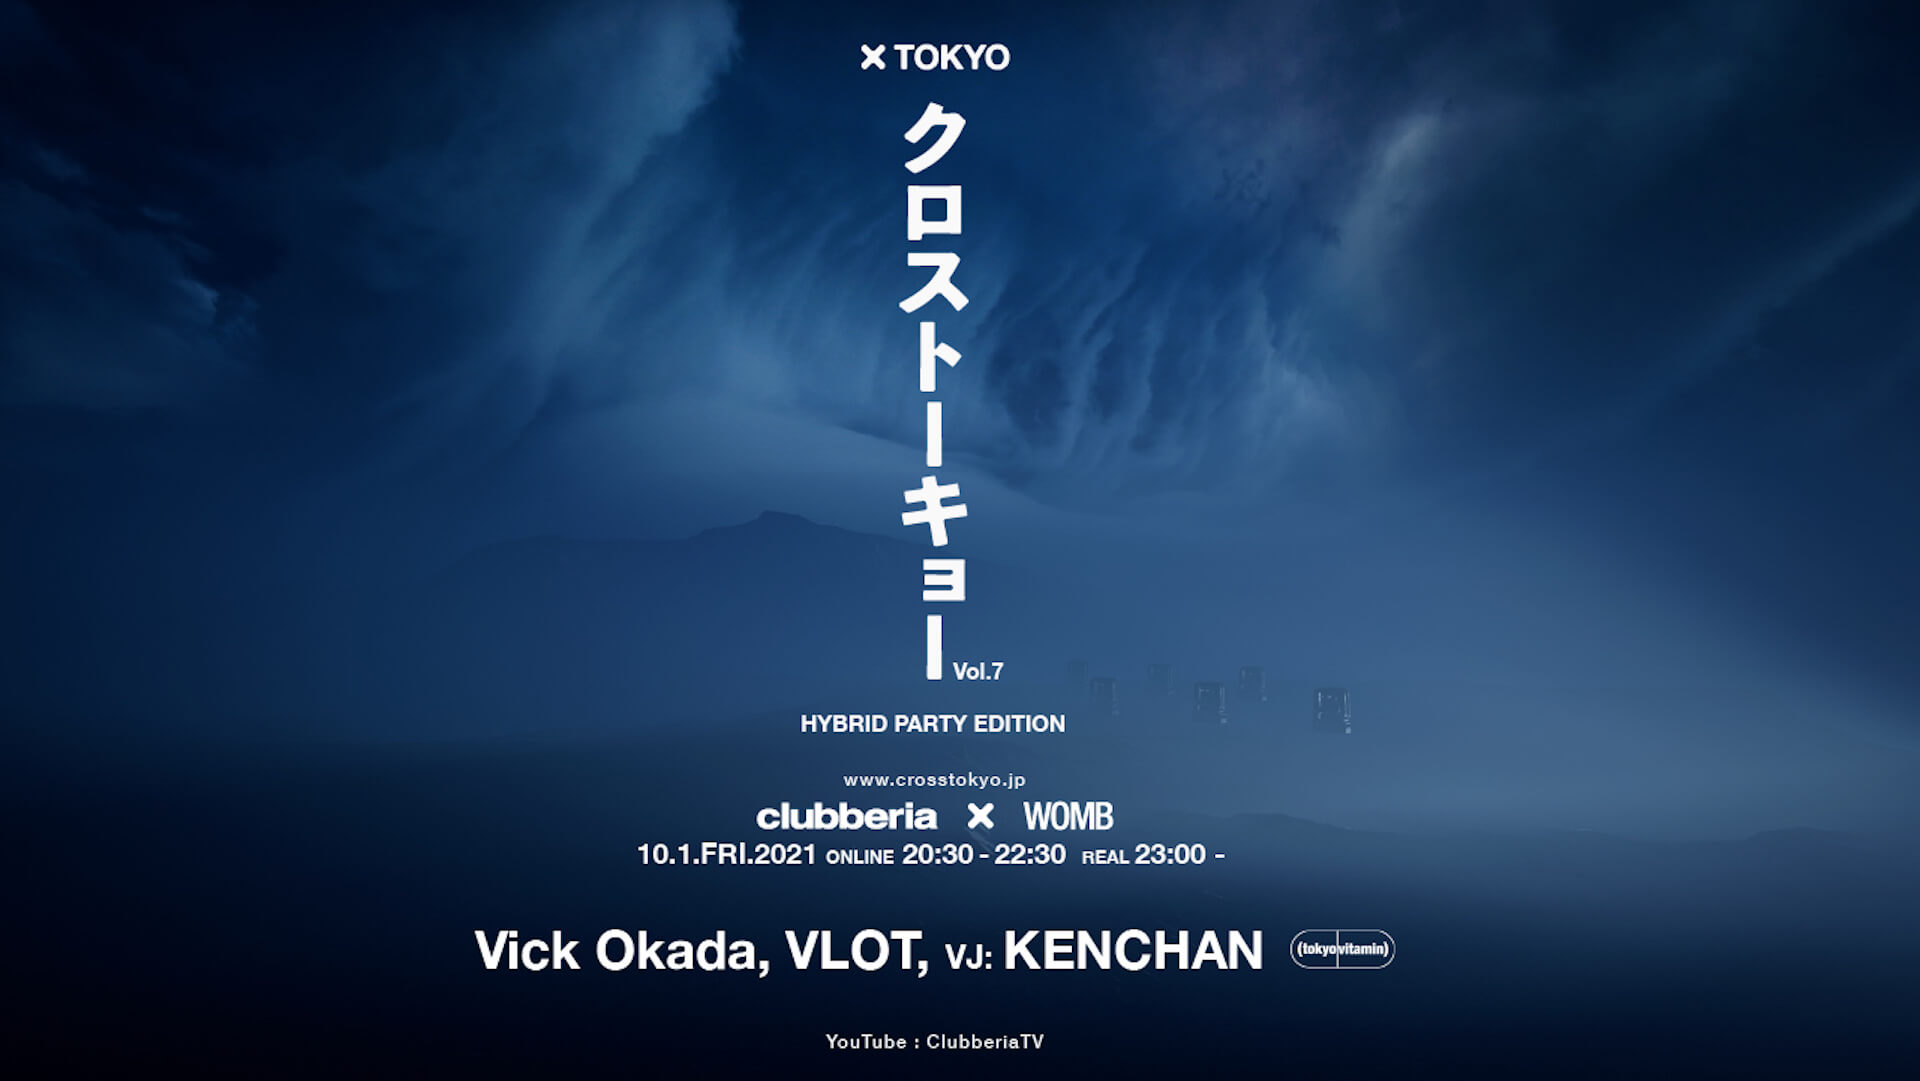 <クロストーキョー>Vol.7はtokyovitaminをフィーチャー!Vick Okada、VLOT、KENCHANの出演が決定 music210928_cross_tokyo_01